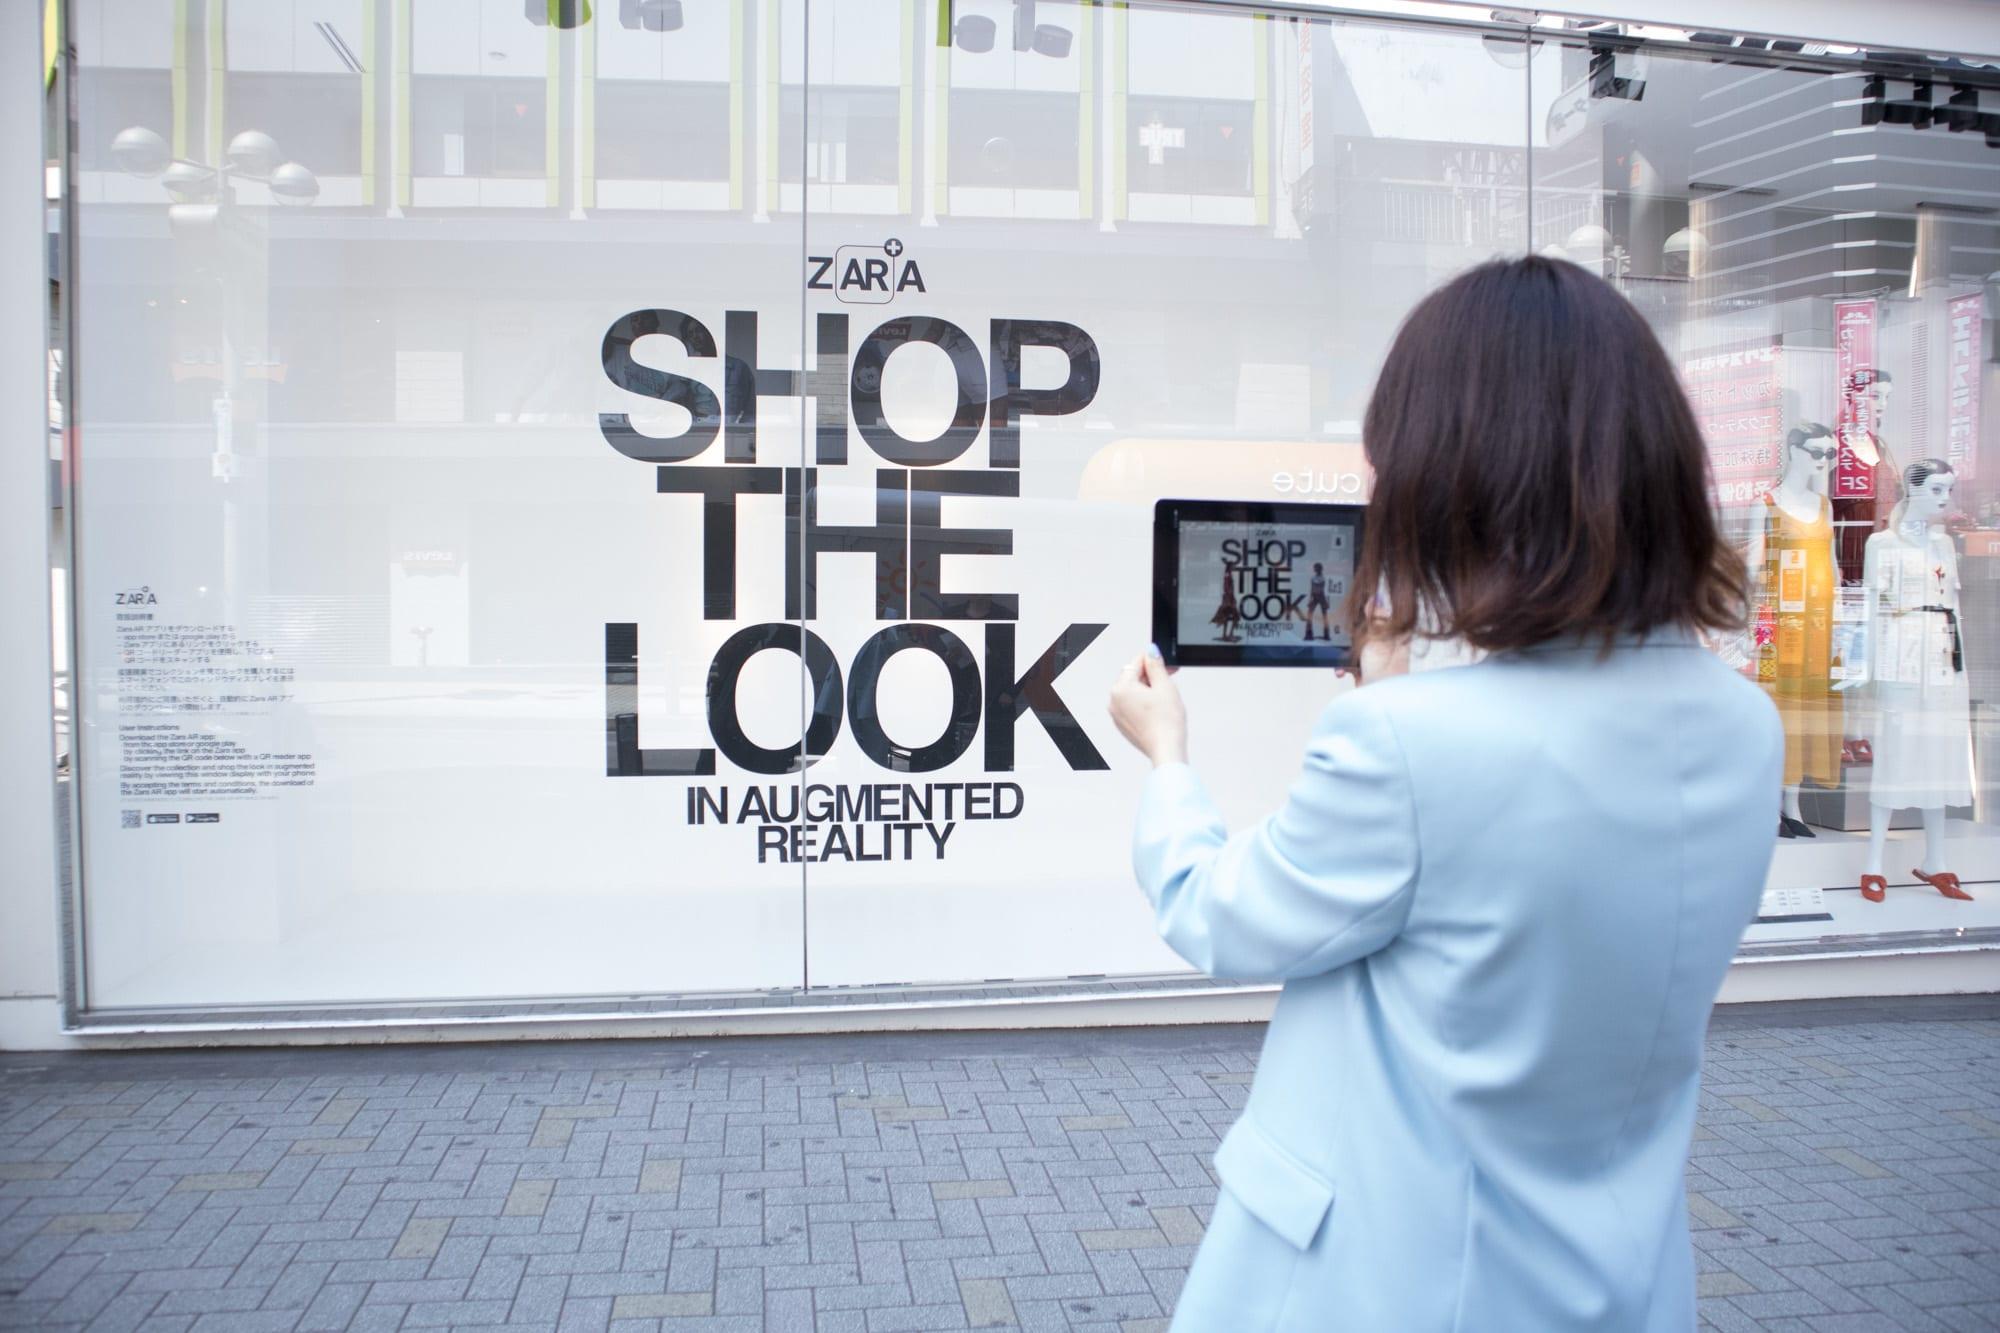 モデル動画で購入意欲をアップ?!ZARAの店舗でARサービスを実施